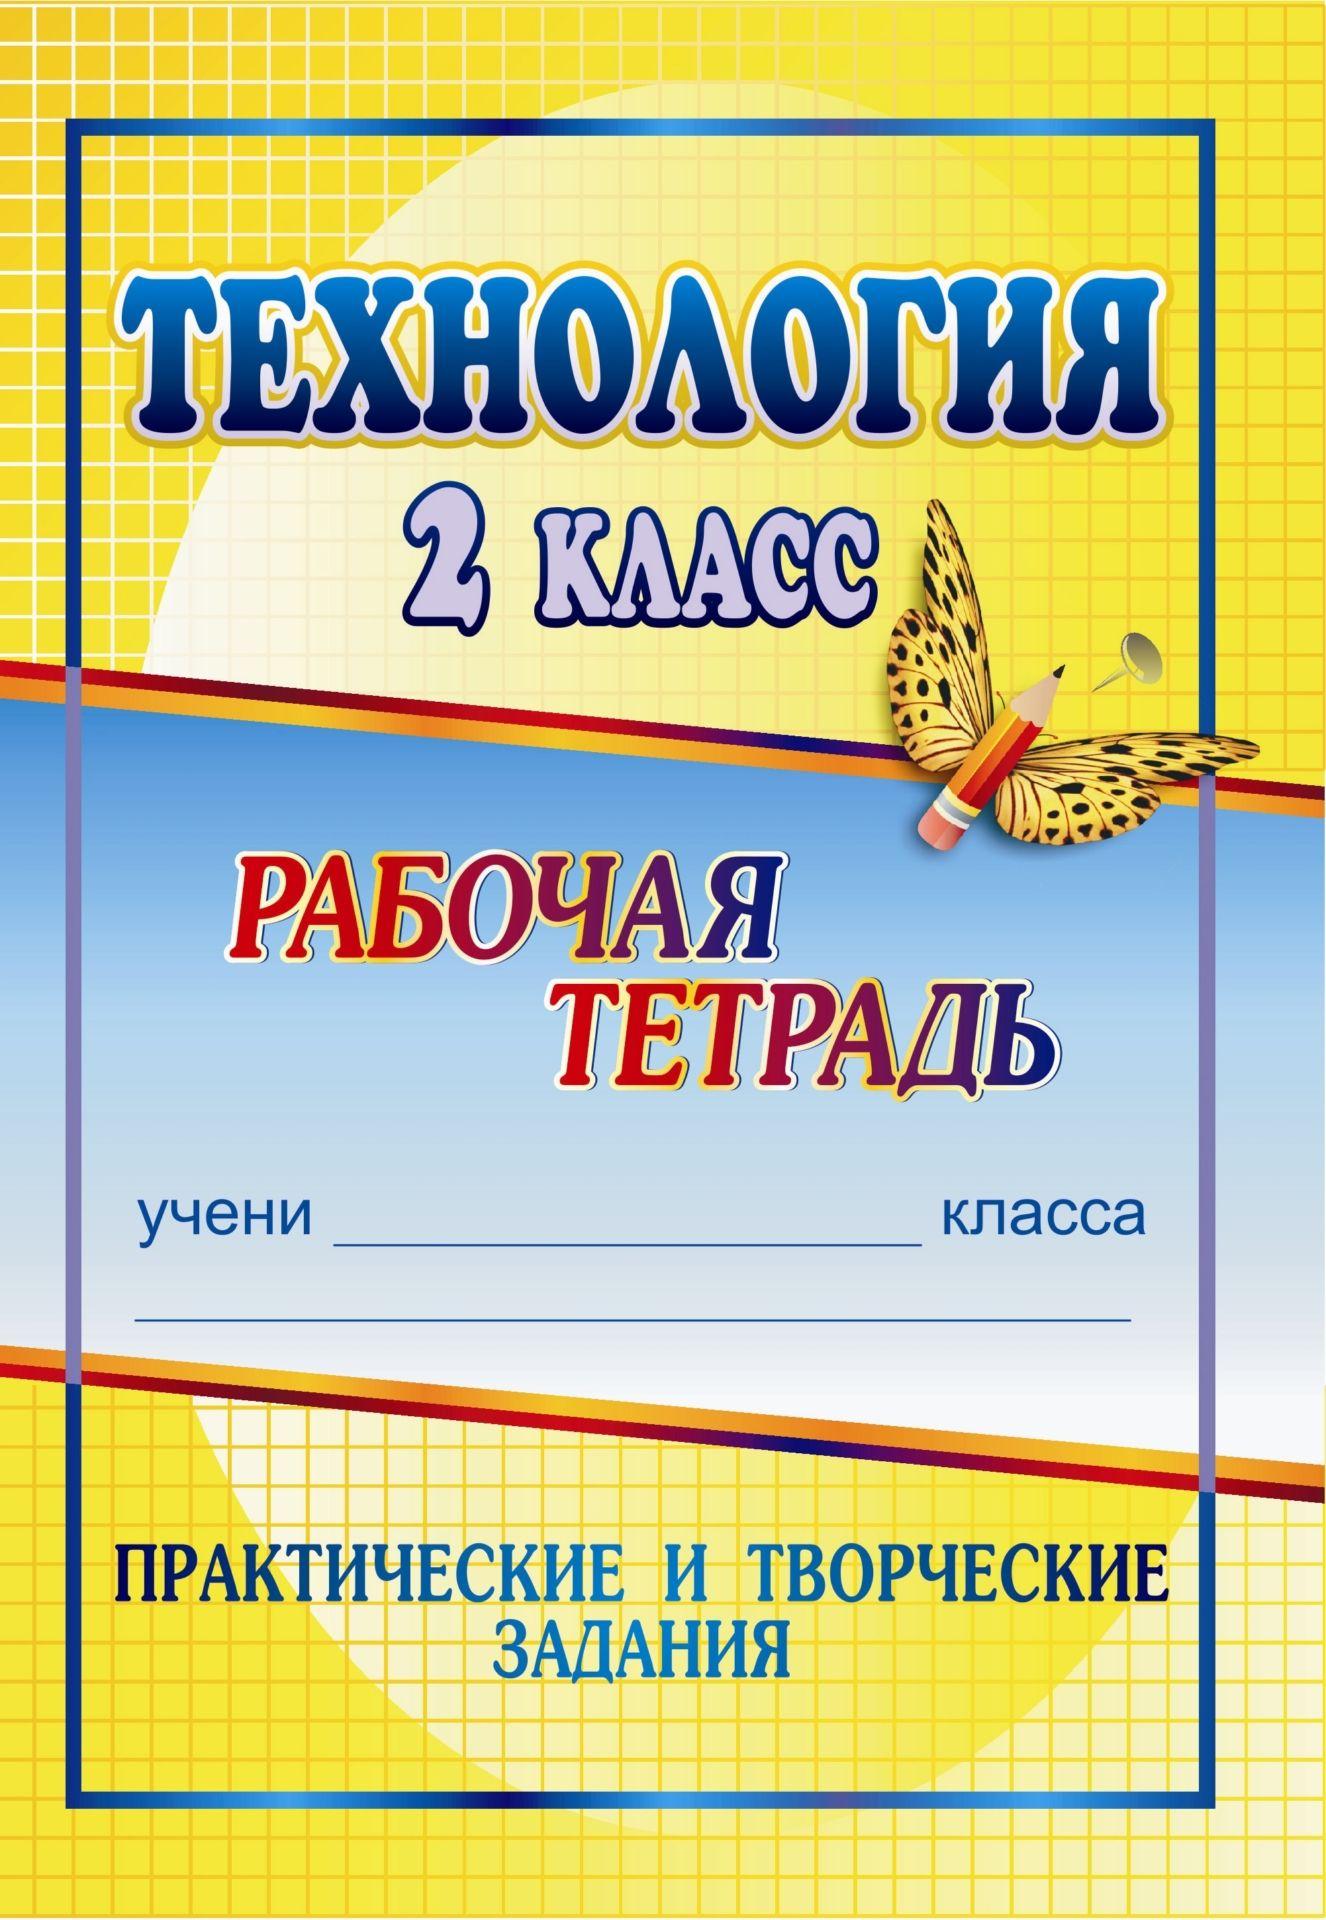 Технология. 2 класс: практические и творческие задания: рабочая тетрадьПредметы<br>В рабочей тетради предлагаются практические задания по технологии для индивидуальной работы с учащимися 2 классов по программе Перспективная начальная школа.Занимательные материалы, тренировочные упражнения, практические и творческие задания, развивающи...<br><br>Авторы: Лободина Н. В.<br>Год: 2010<br>Серия: Рабочая тетрадь<br>ISBN: 978-5-7057-2166-5<br>Высота: 235<br>Ширина: 163<br>Толщина: 4<br>Переплёт: мягкая, скрепка